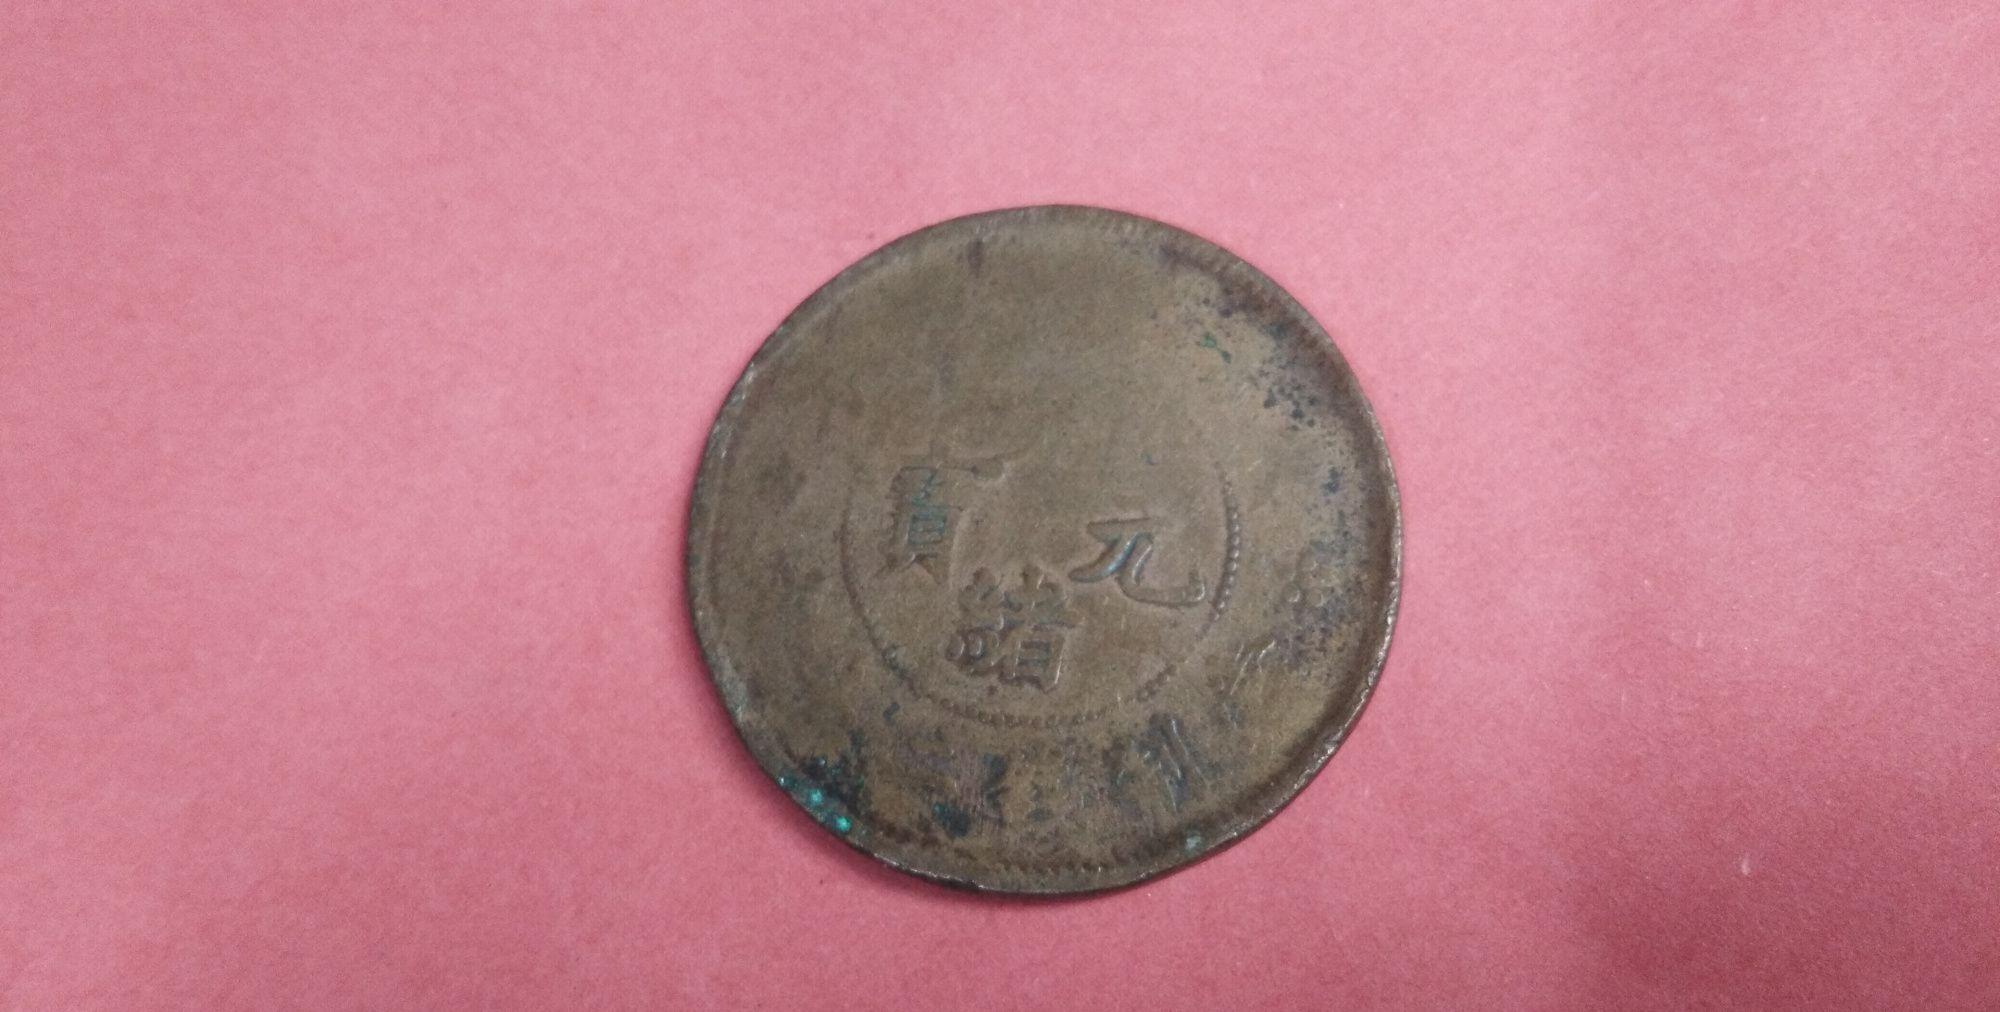 家里无意中发现了一枚钱币,是大清年间的吗?